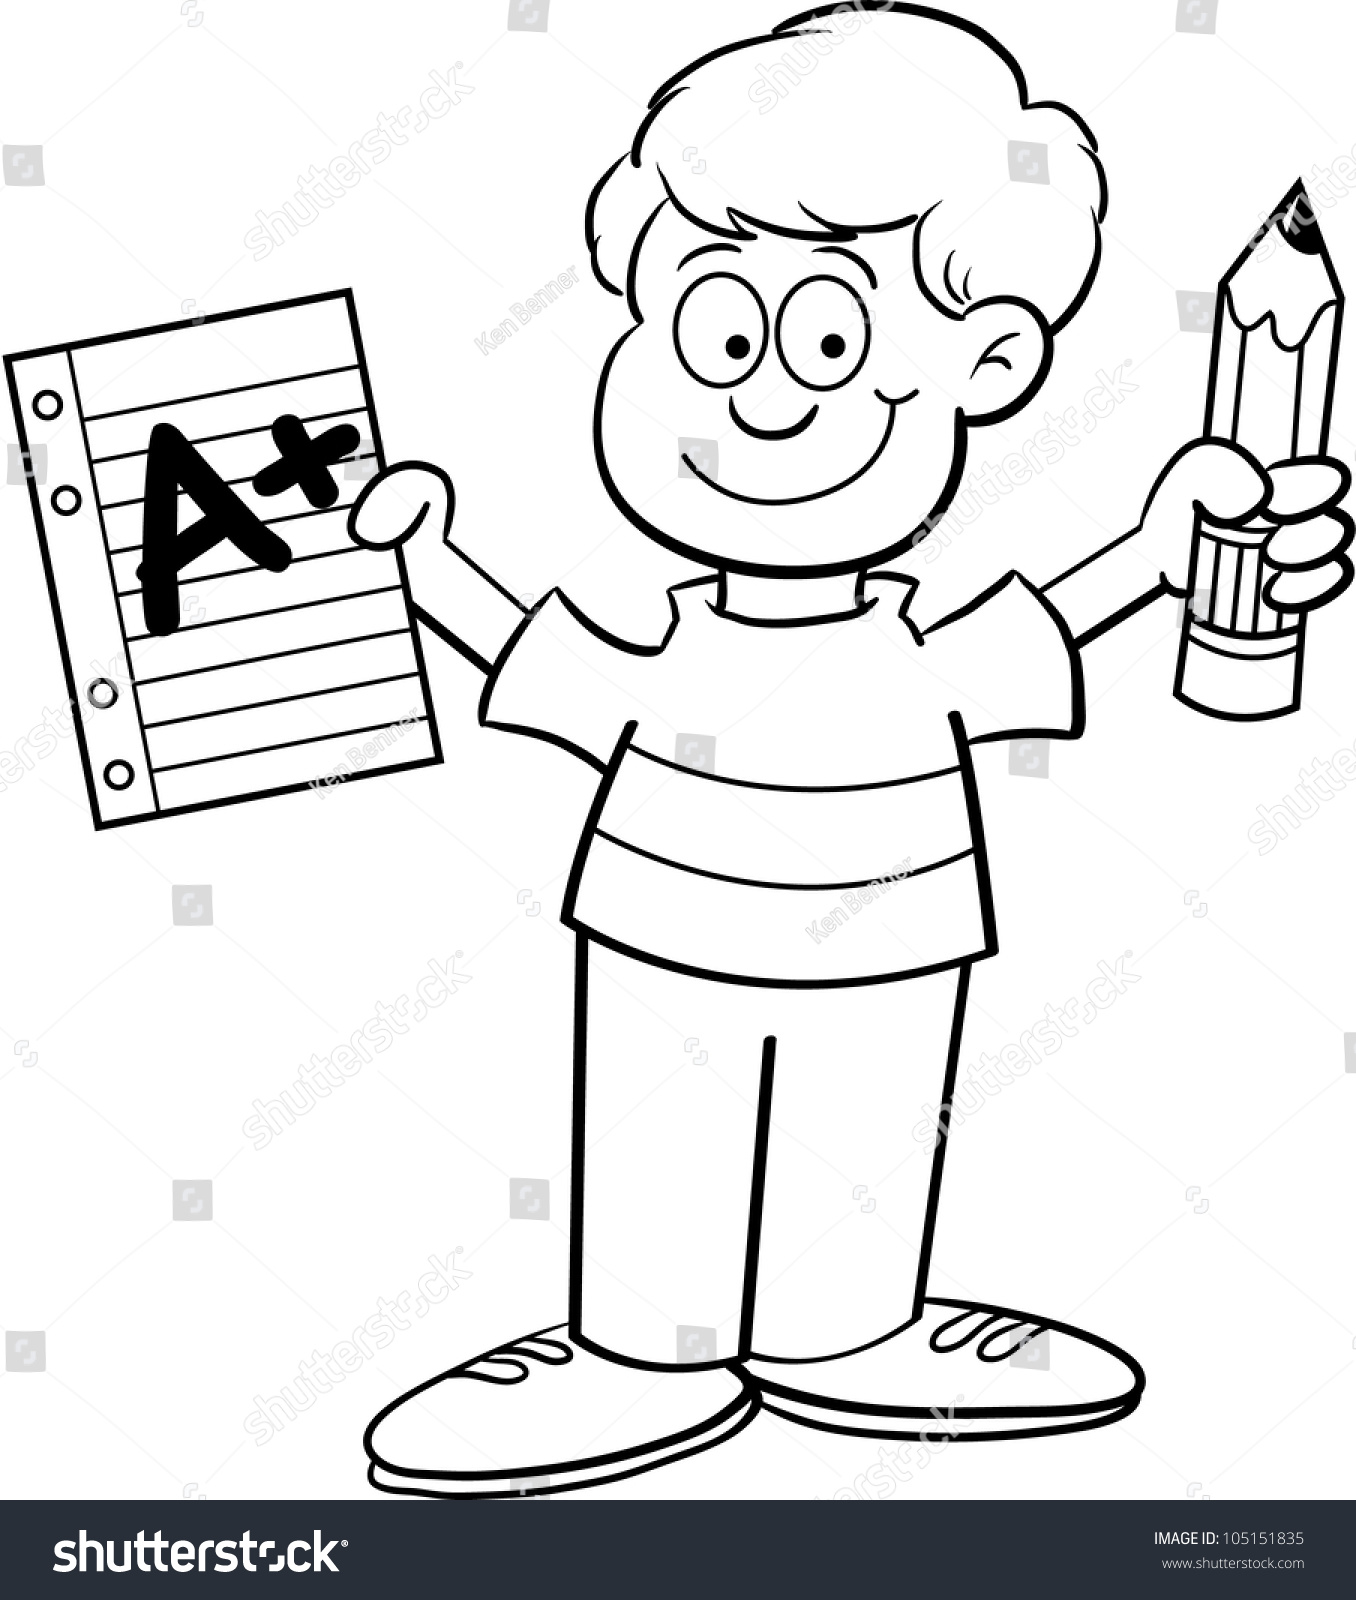 cartoon illustration boy holding paper pencil stock illustration